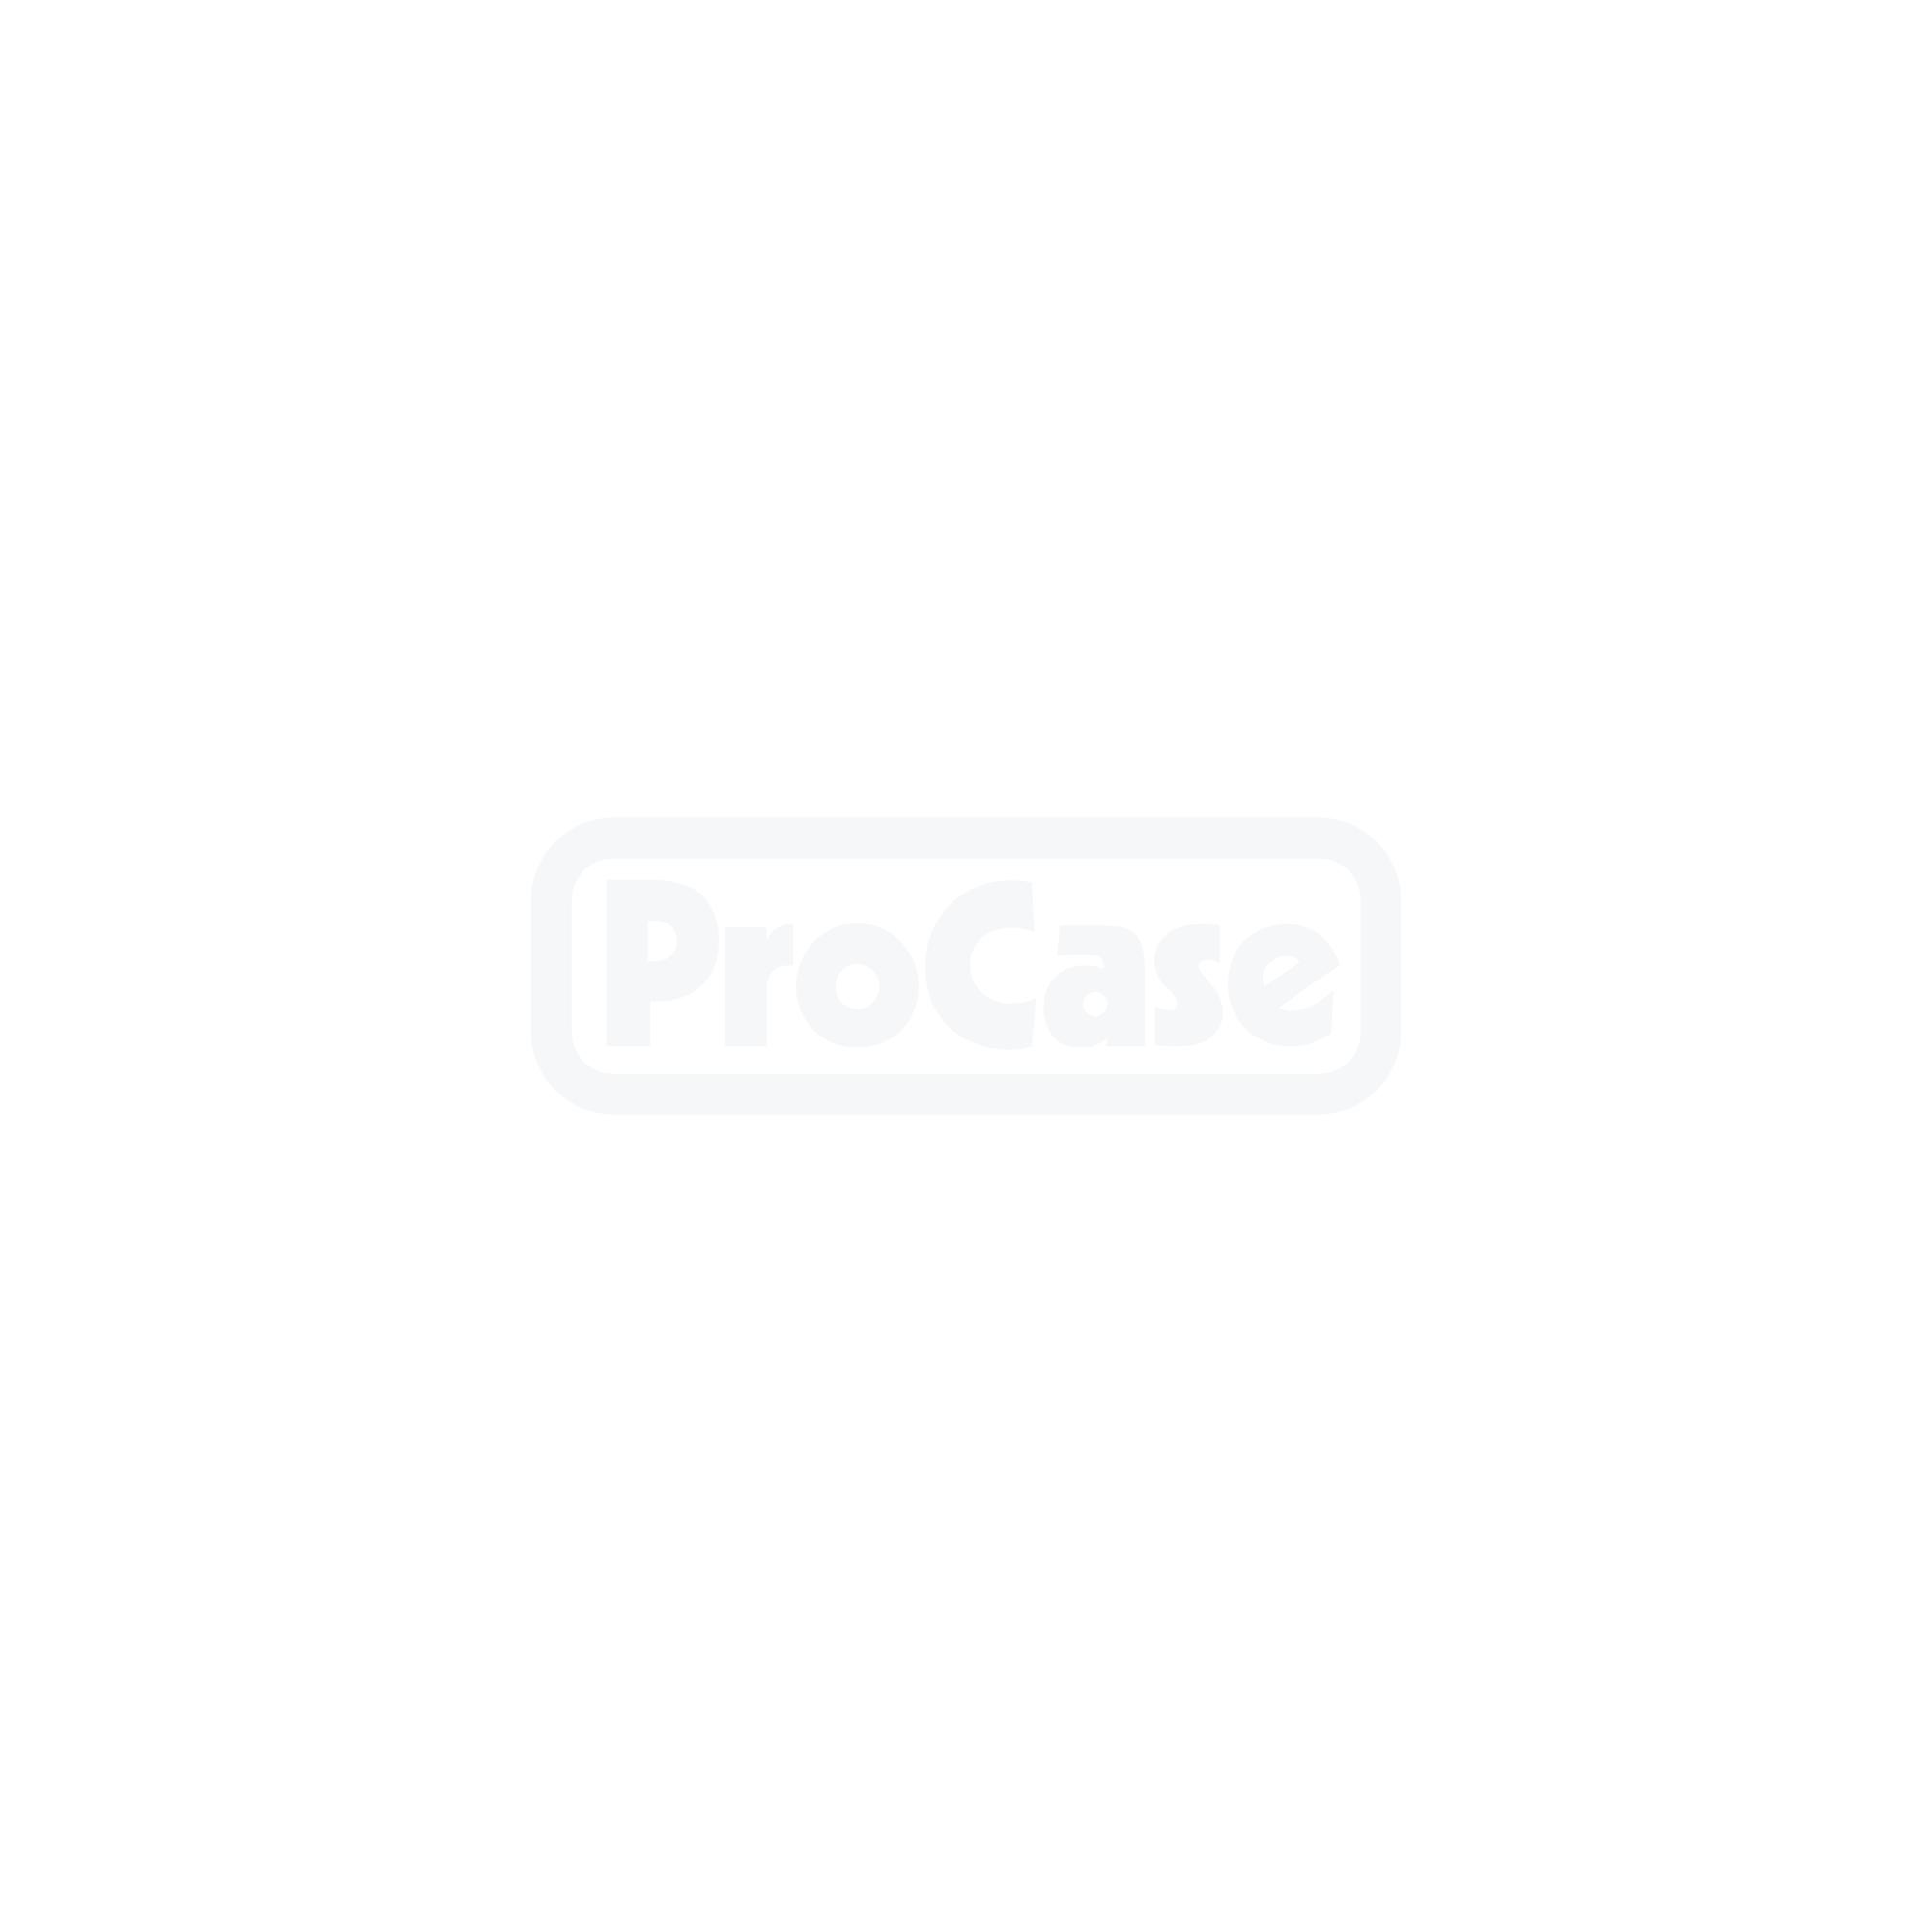 NEC MultiSync V551 (1x) PLs